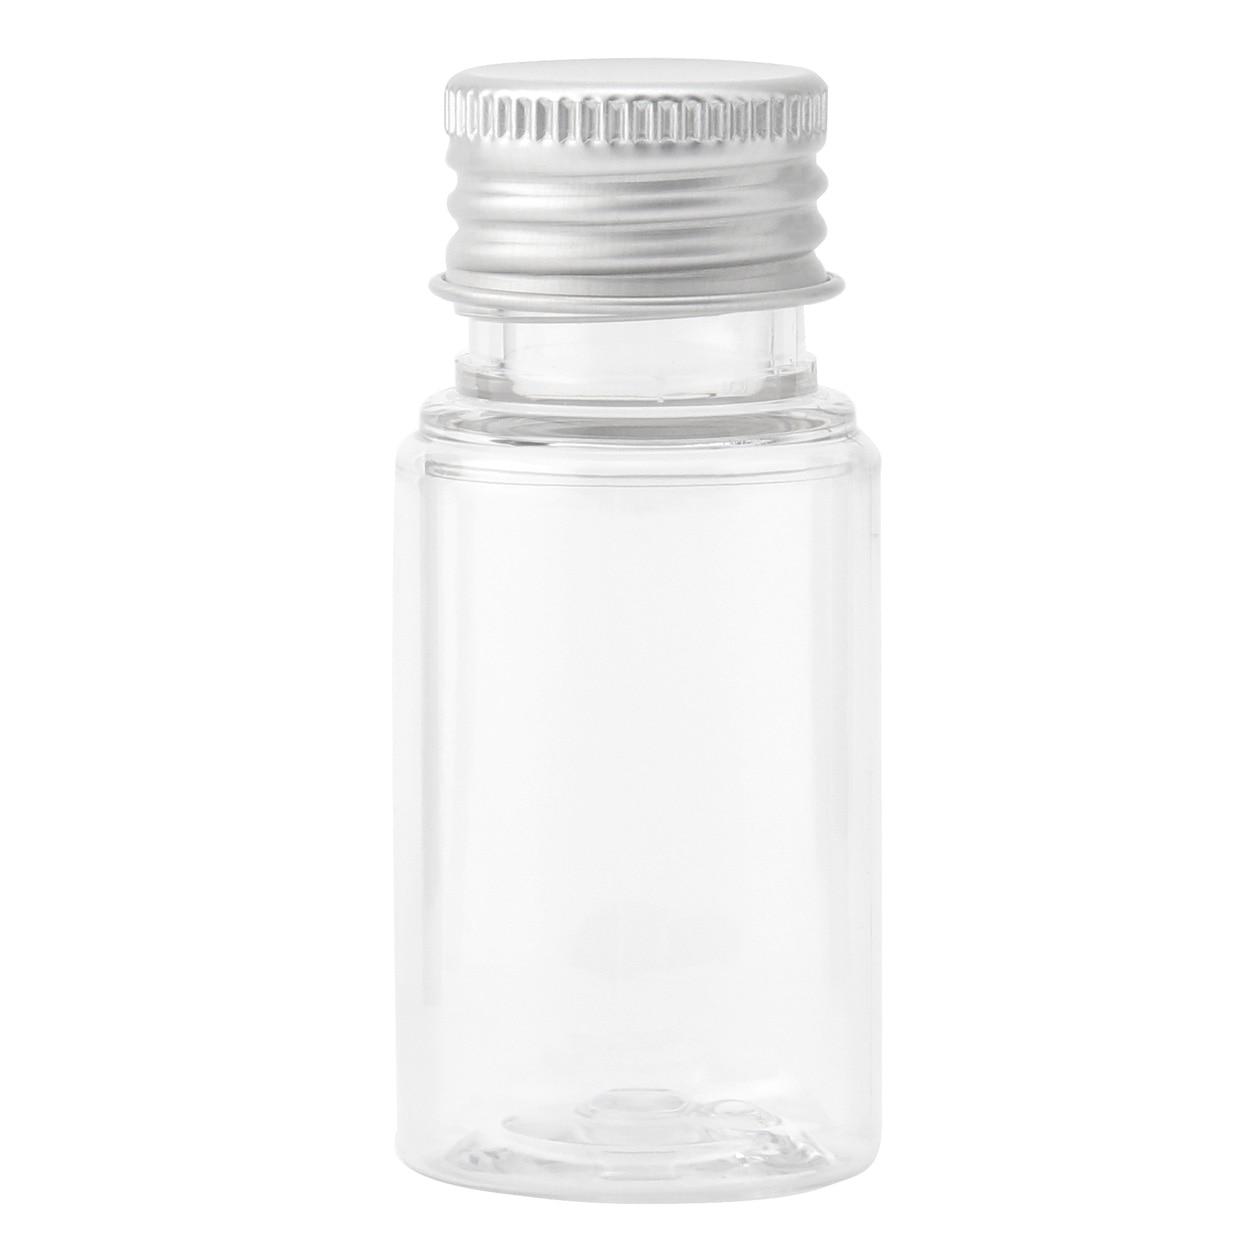 PET小分けボトルアルミキャップ・30ml